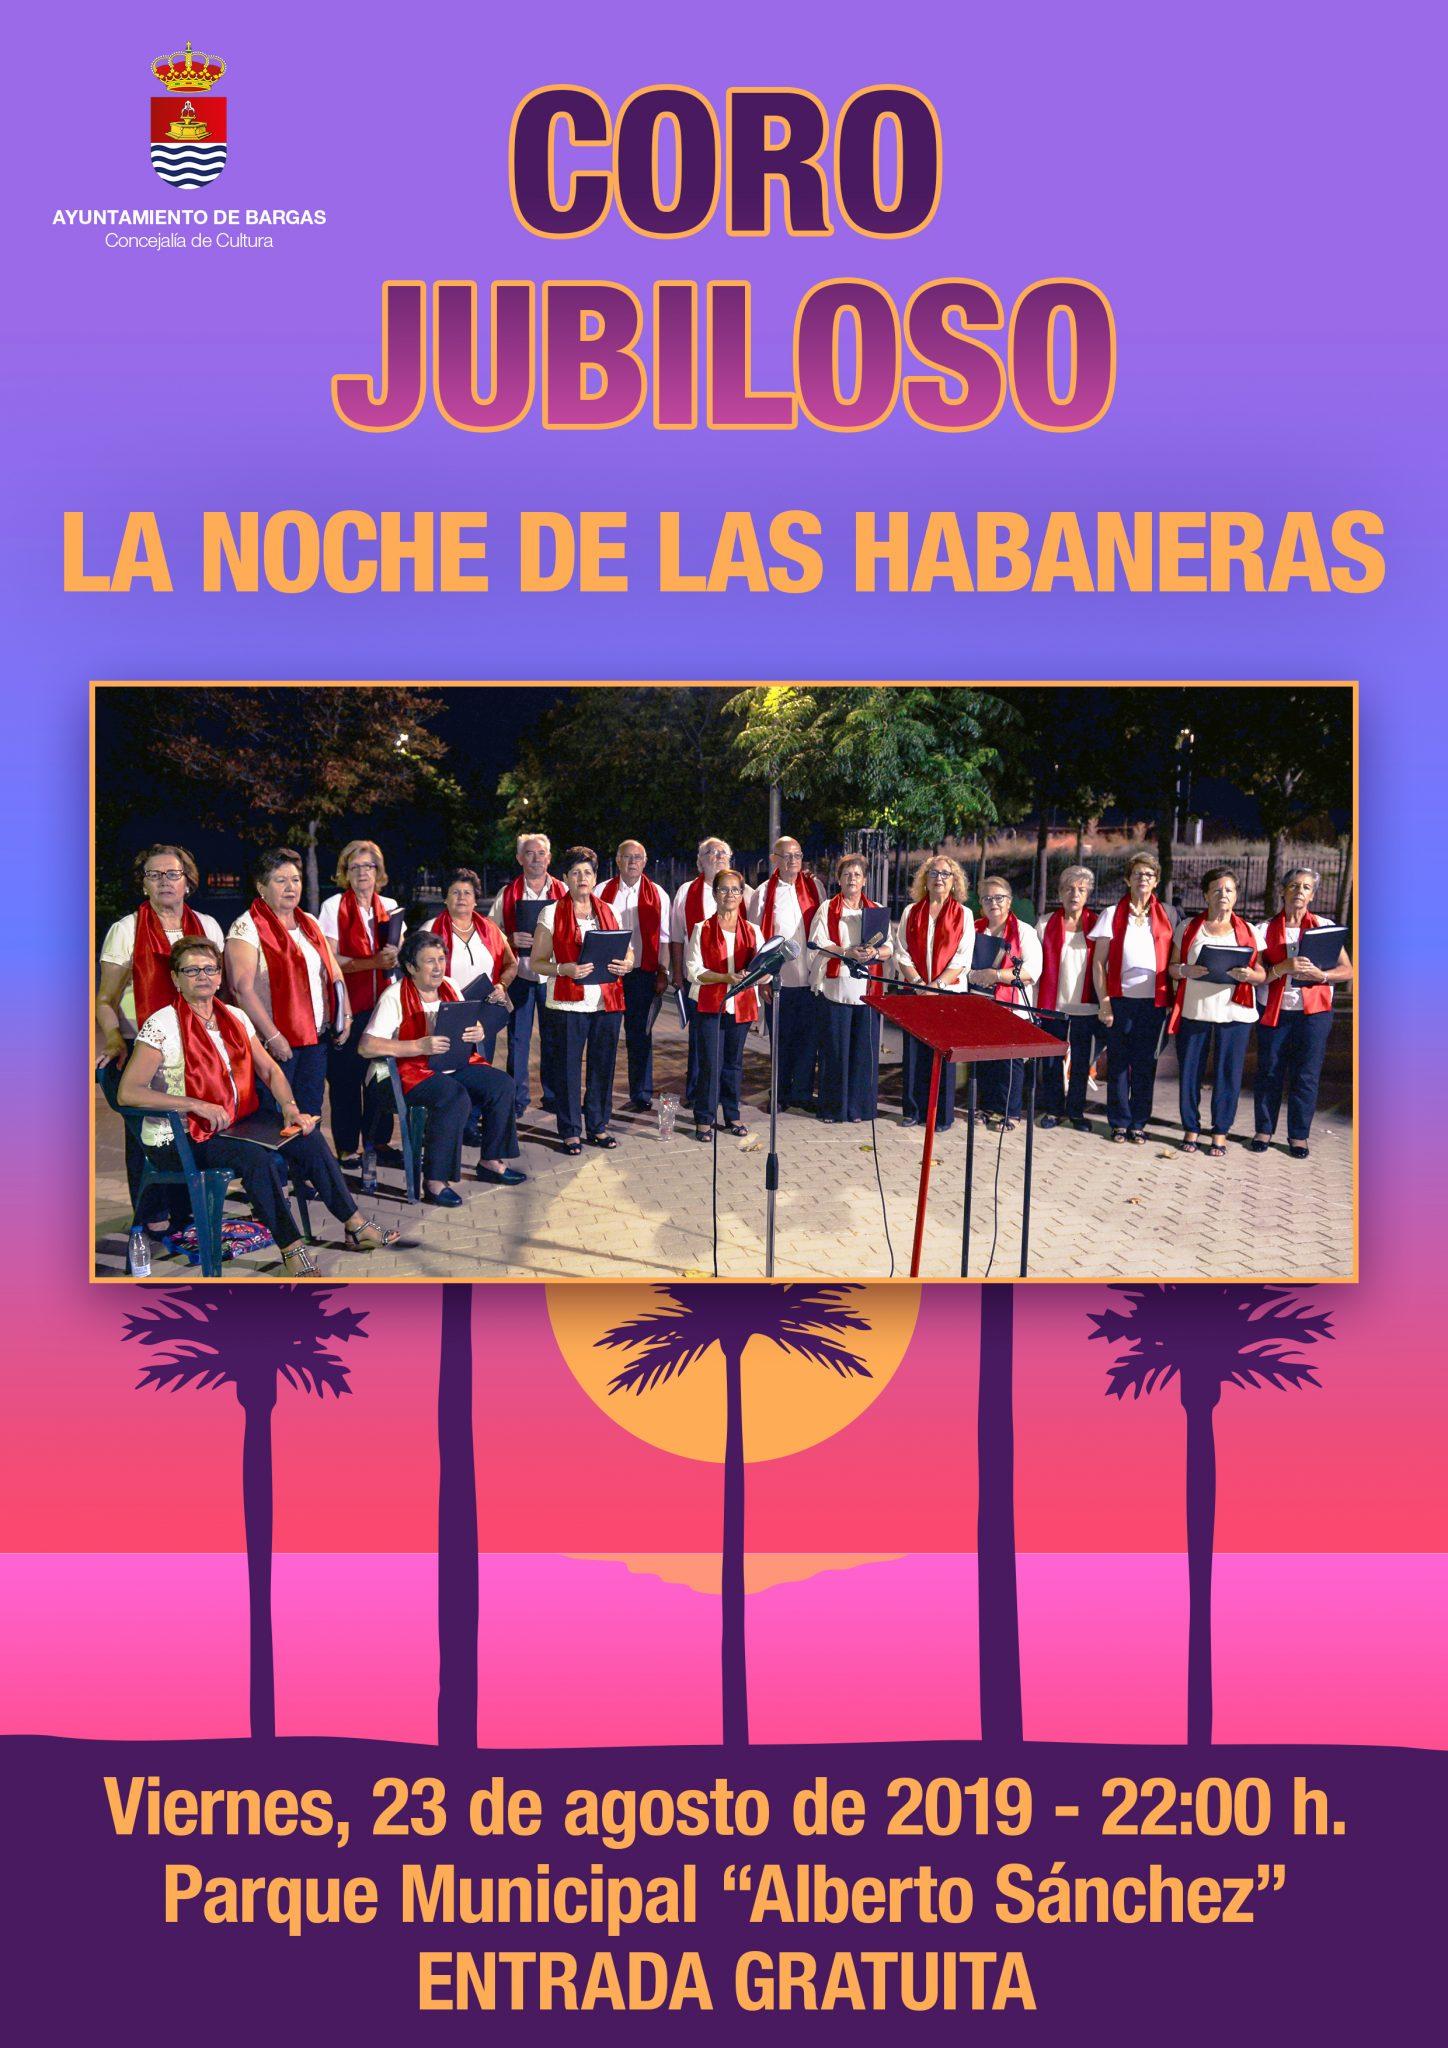 Concierto del Coro Jubiloso: La noche de las habaneras